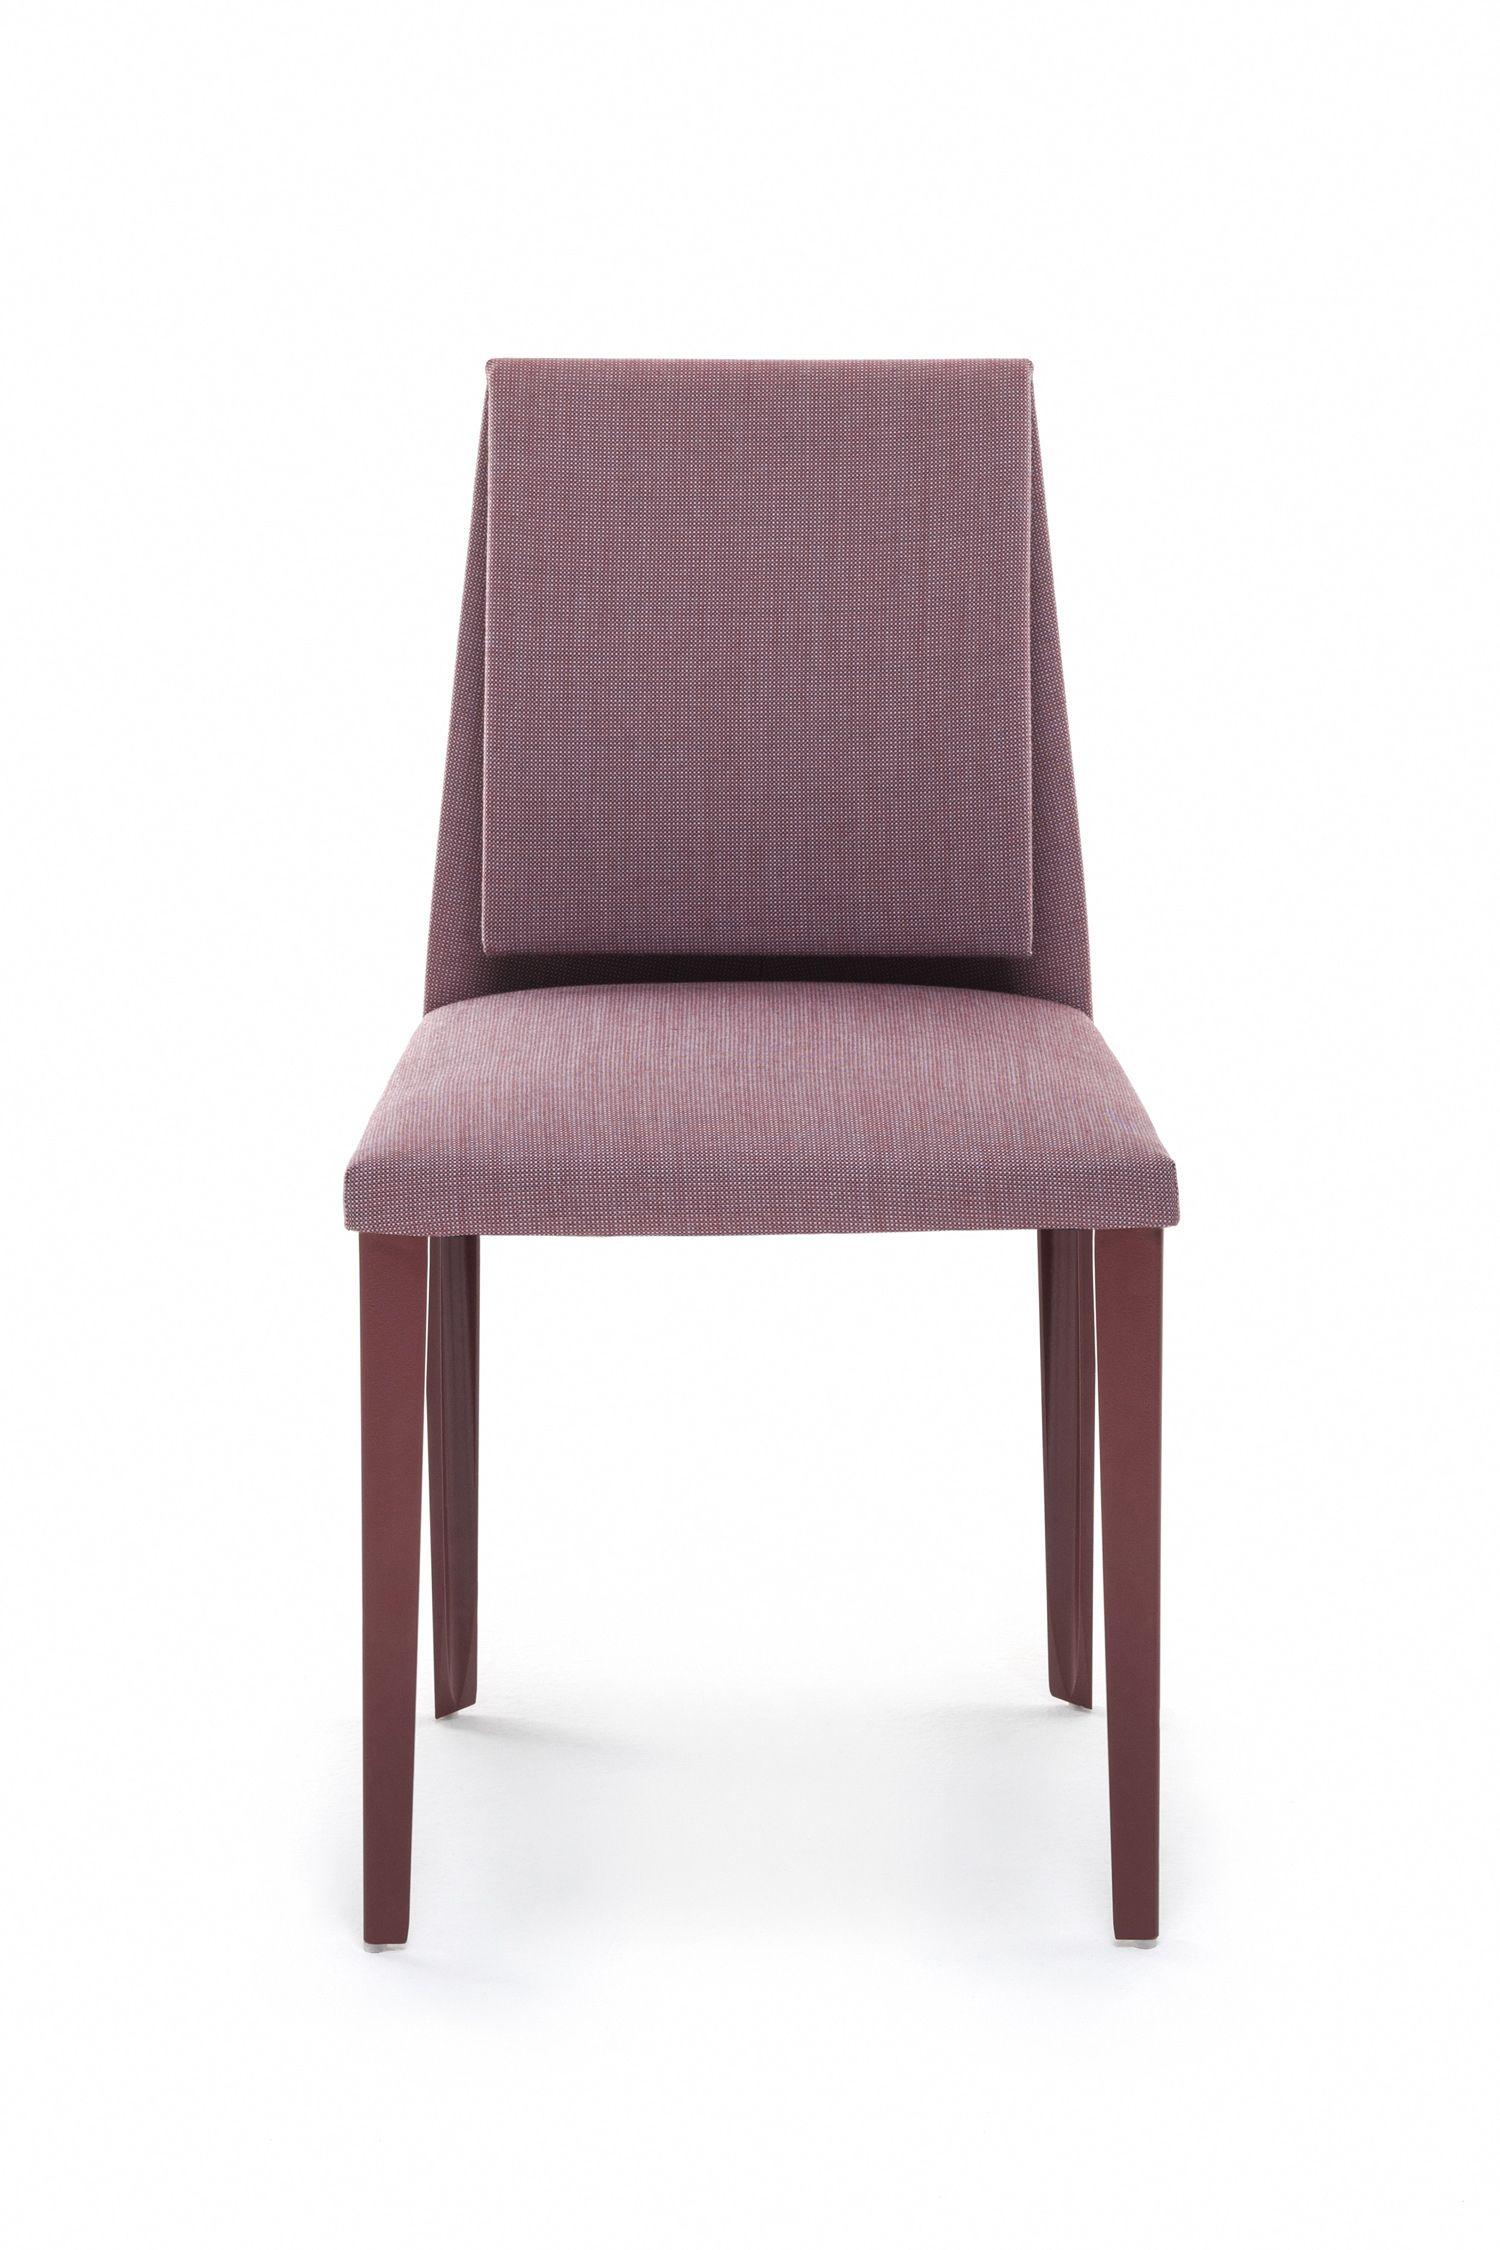 Mari Dining Chair Designed By Luigi Baroli For Baleri Italia